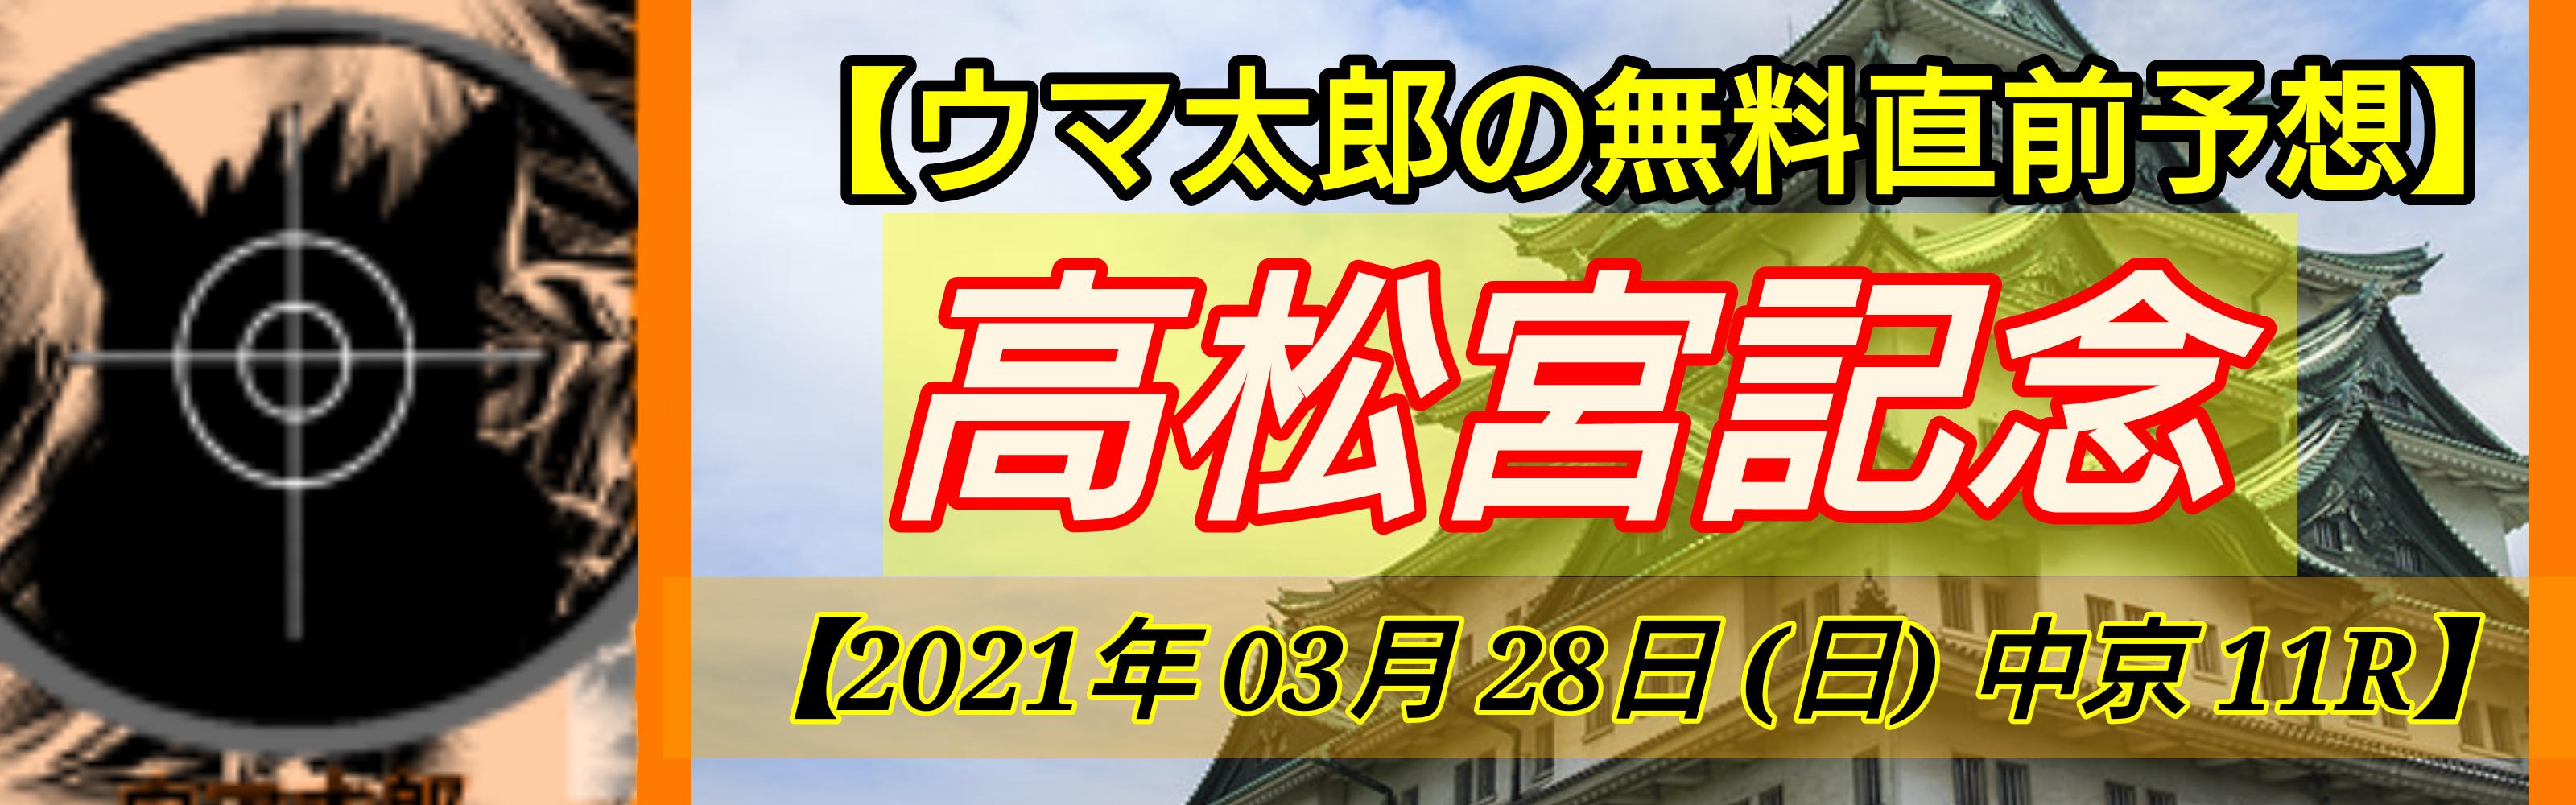 2021 高松宮記念 無料直前予想